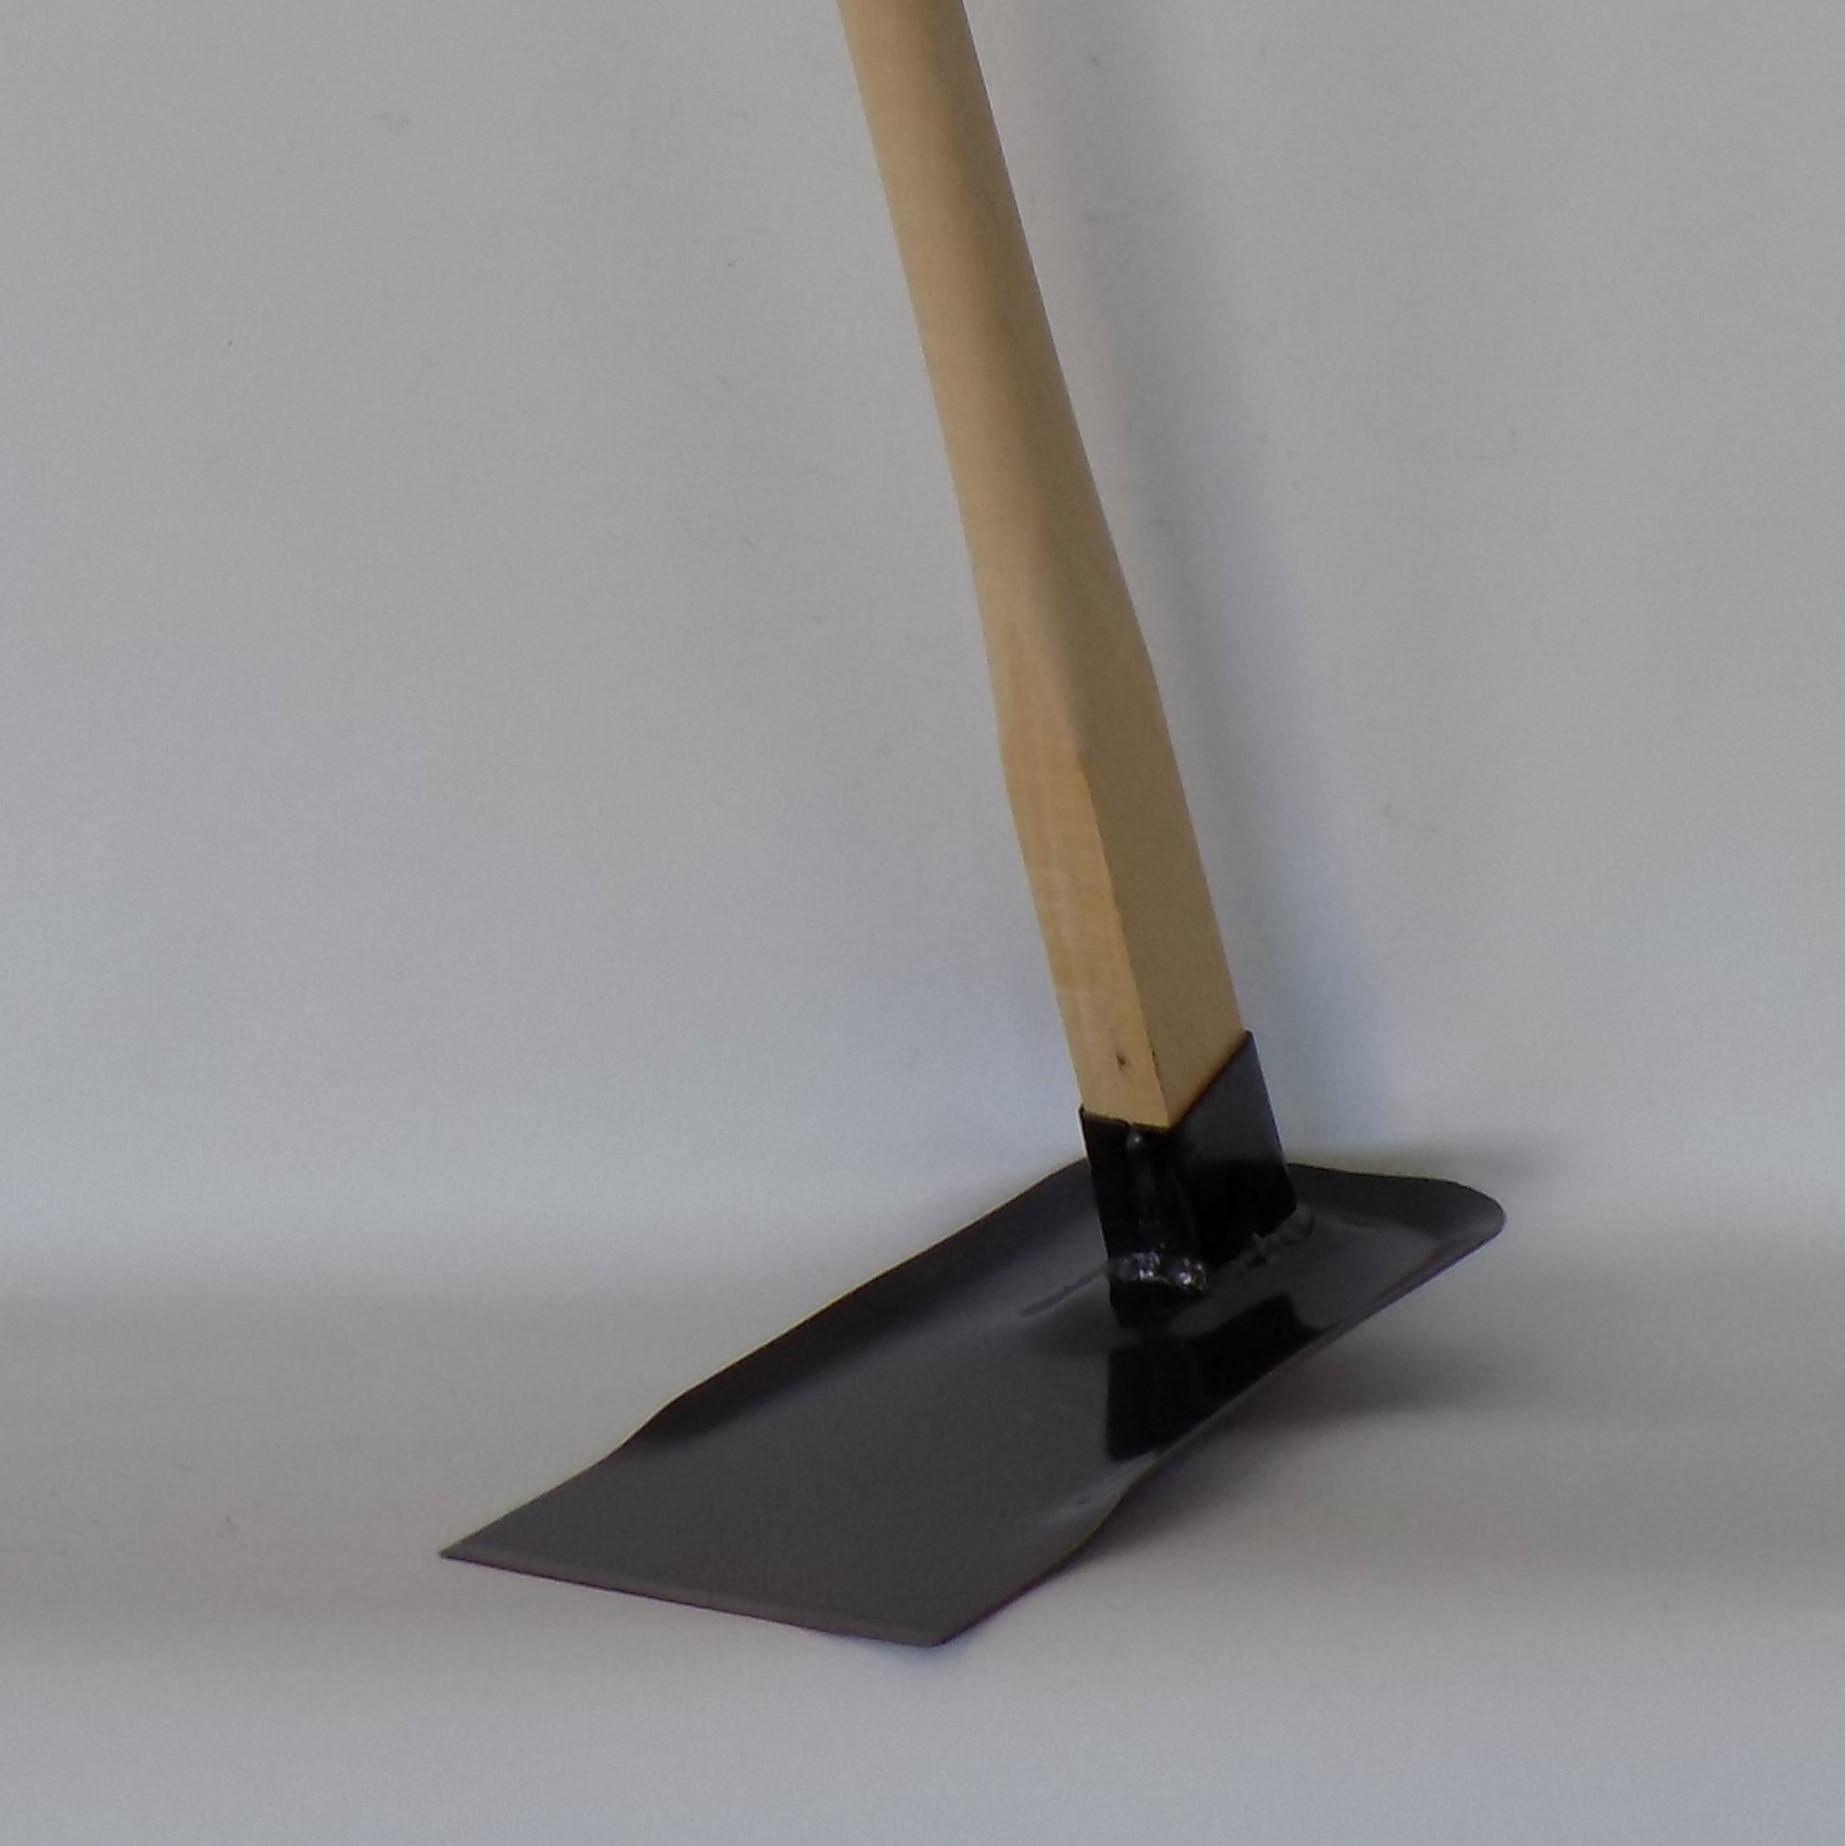 【家庭菜園鍬 極(きわみ) 】お客様の声から生まれたオリジナルの平鍬